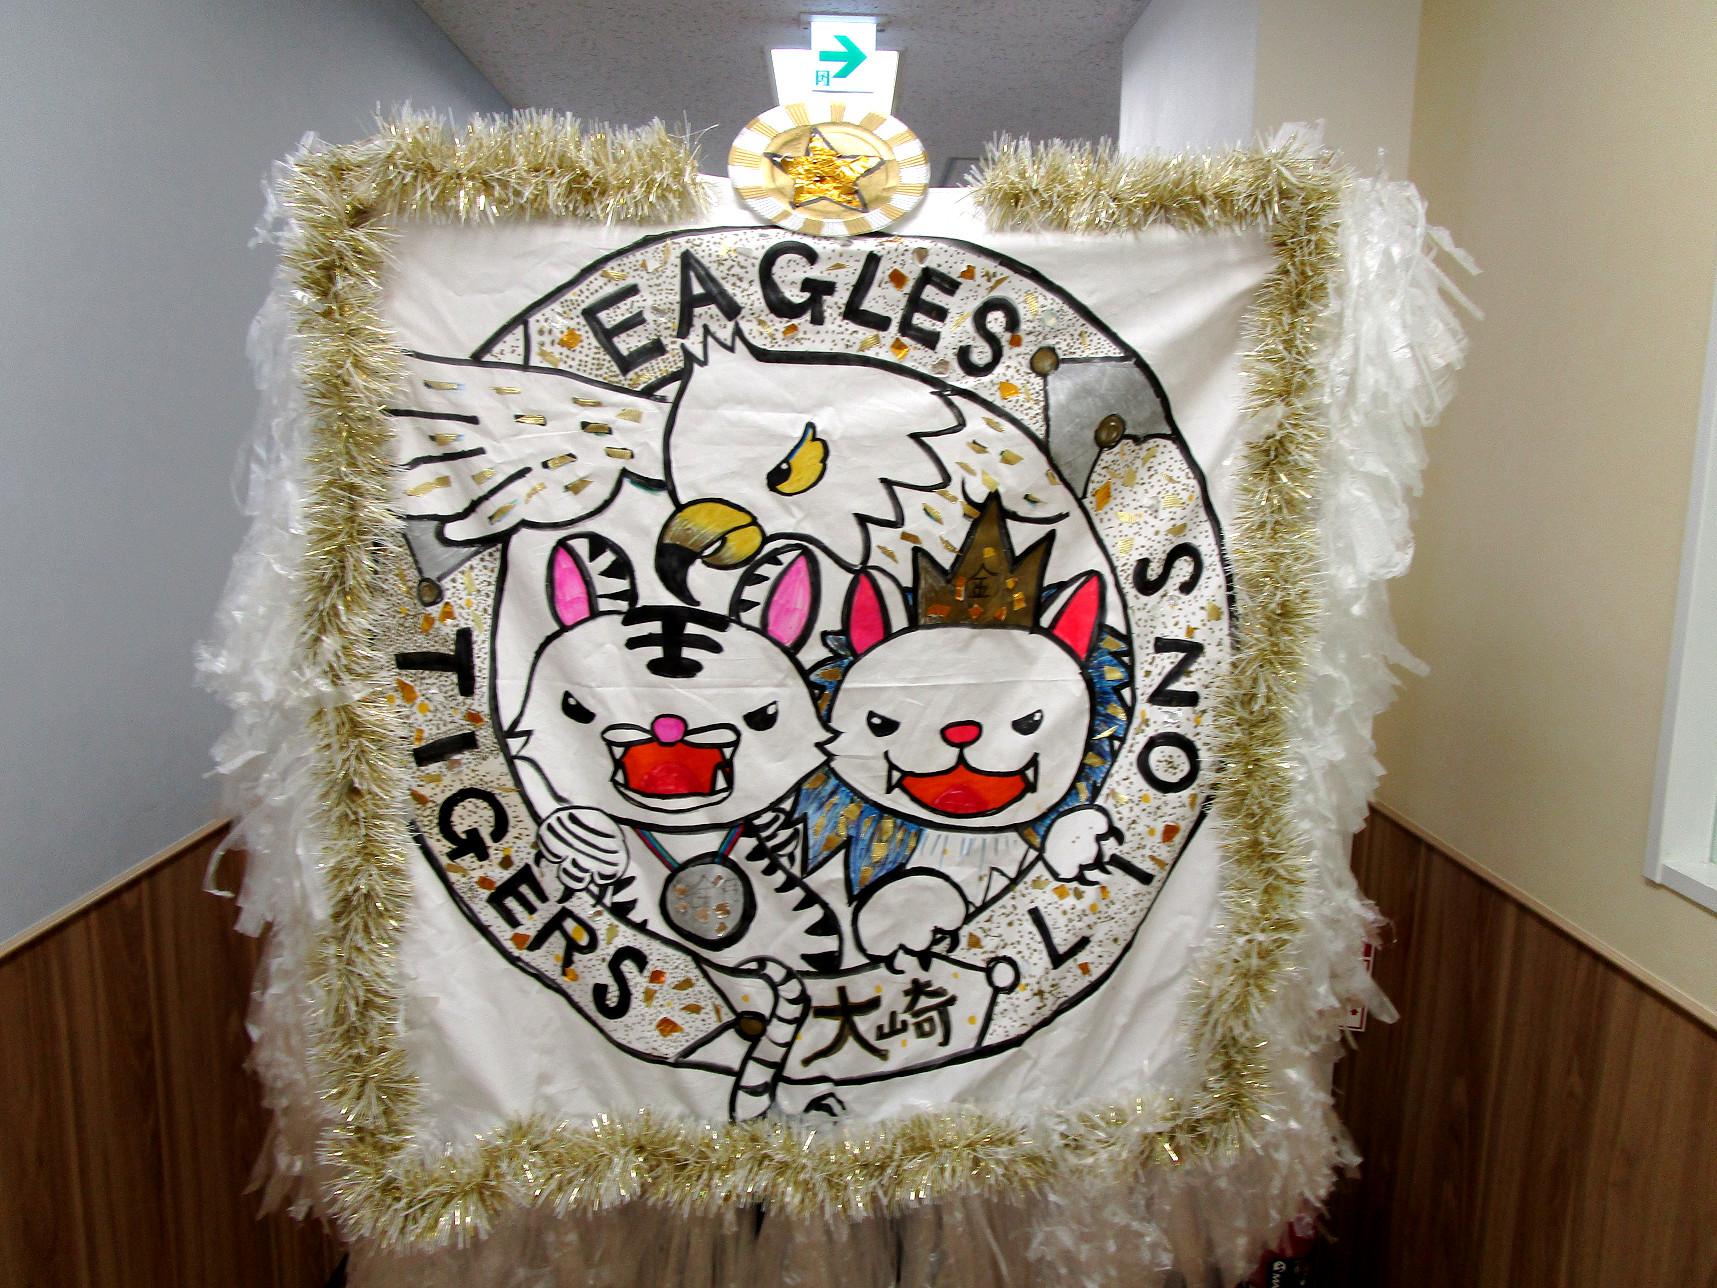 大崎校のドッチボール大会の大応援旗です